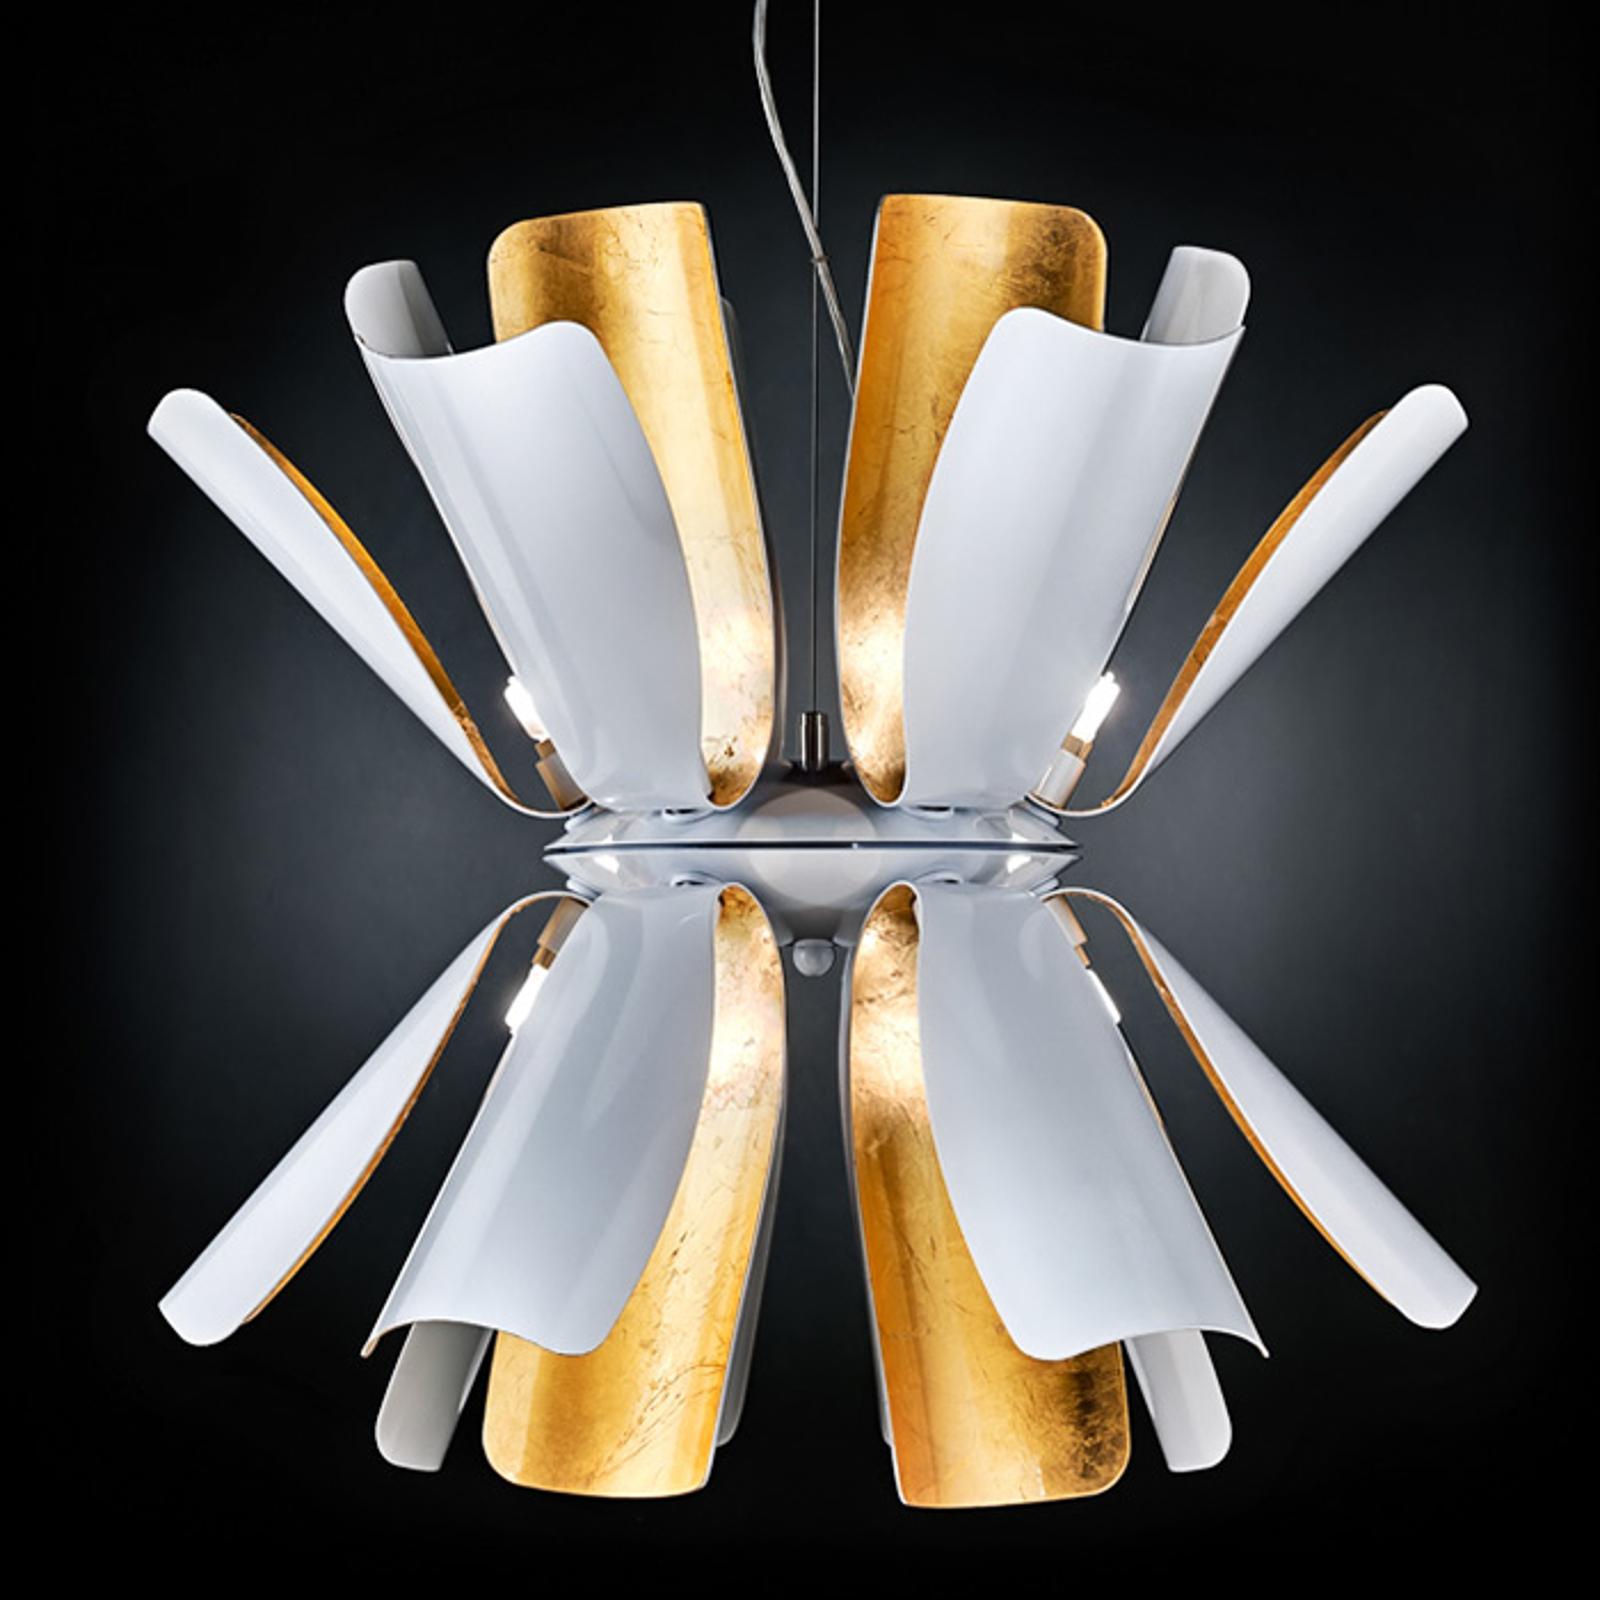 Designer-HängeleuchteTropic 60 cm weiß/blattgold